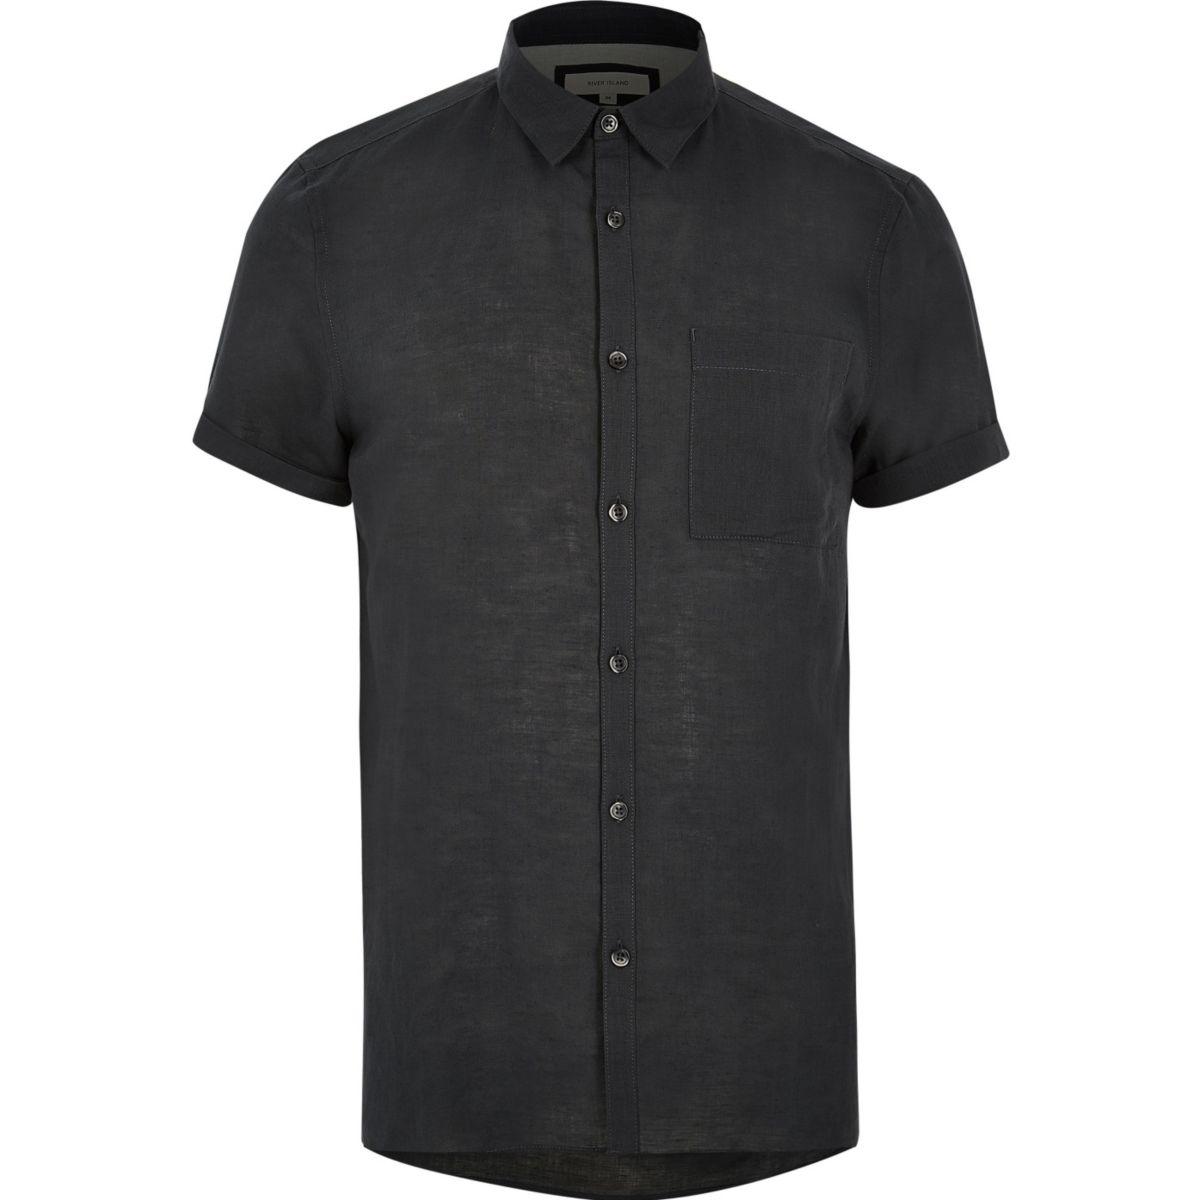 Grey linen-rich short sleeve shirt